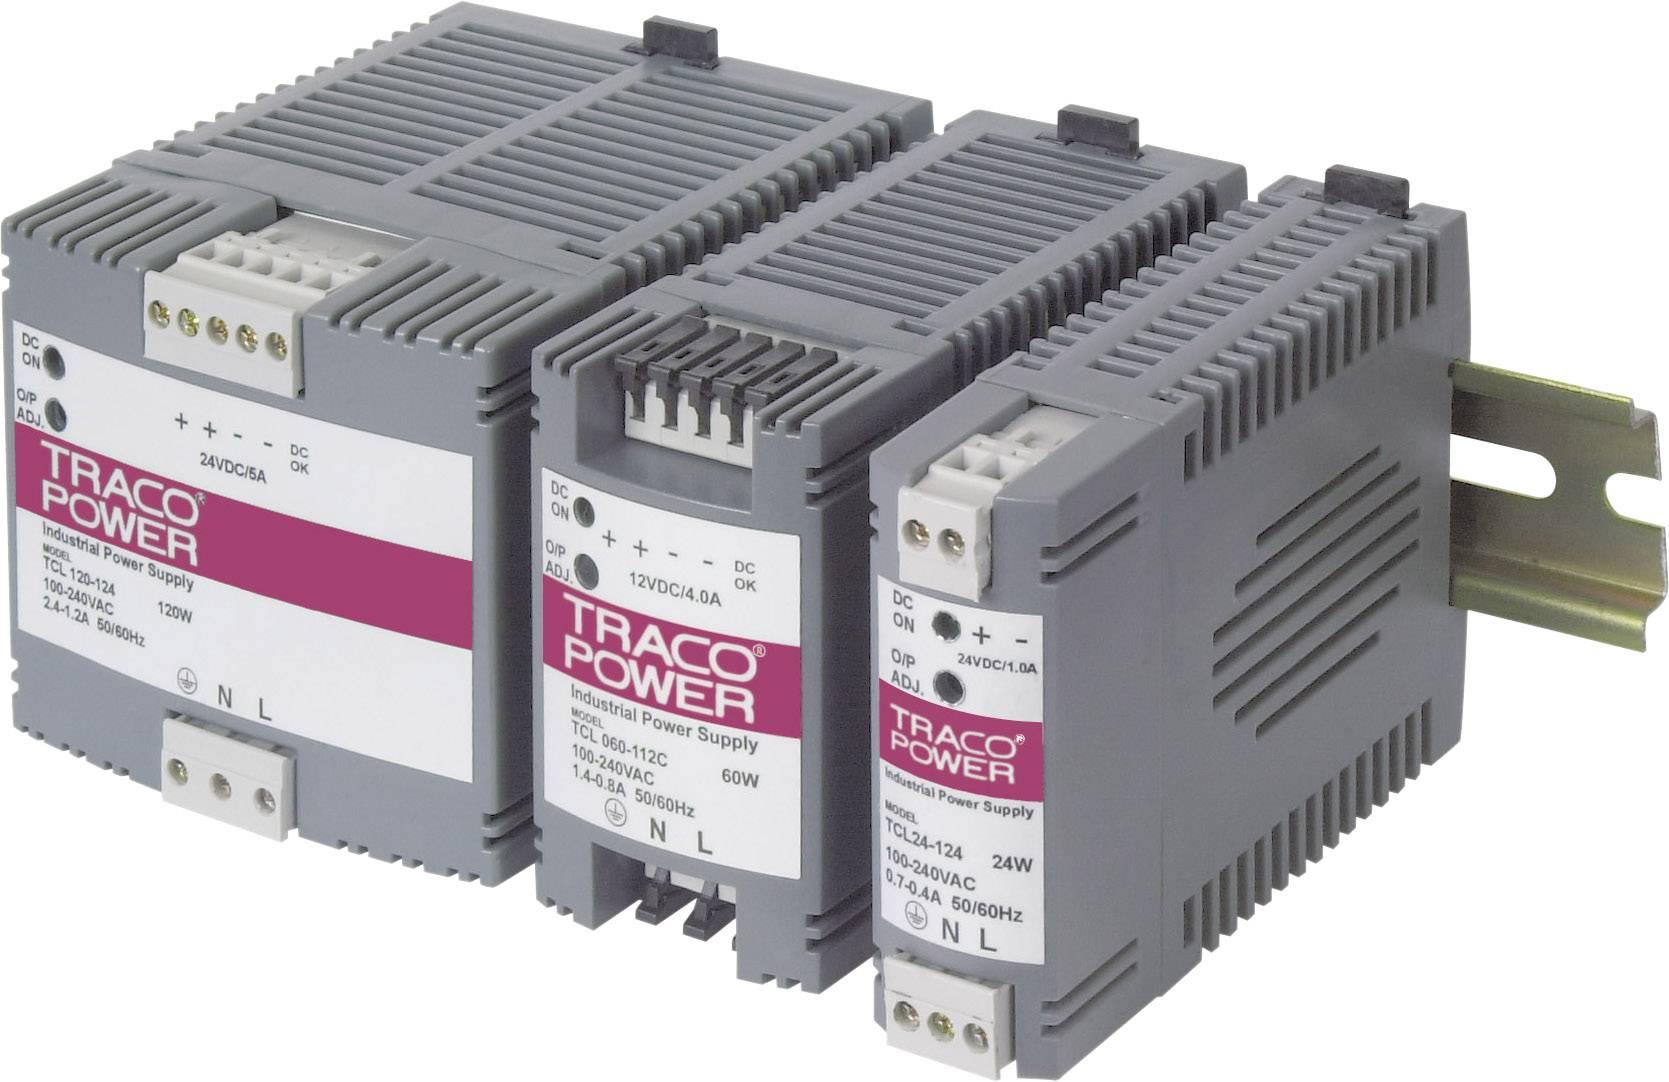 Sieťový zdroj na montážnu lištu (DIN lištu) TracoPower TCL 024-124C, 1 x, 24 V/DC, 1 A, 24 W